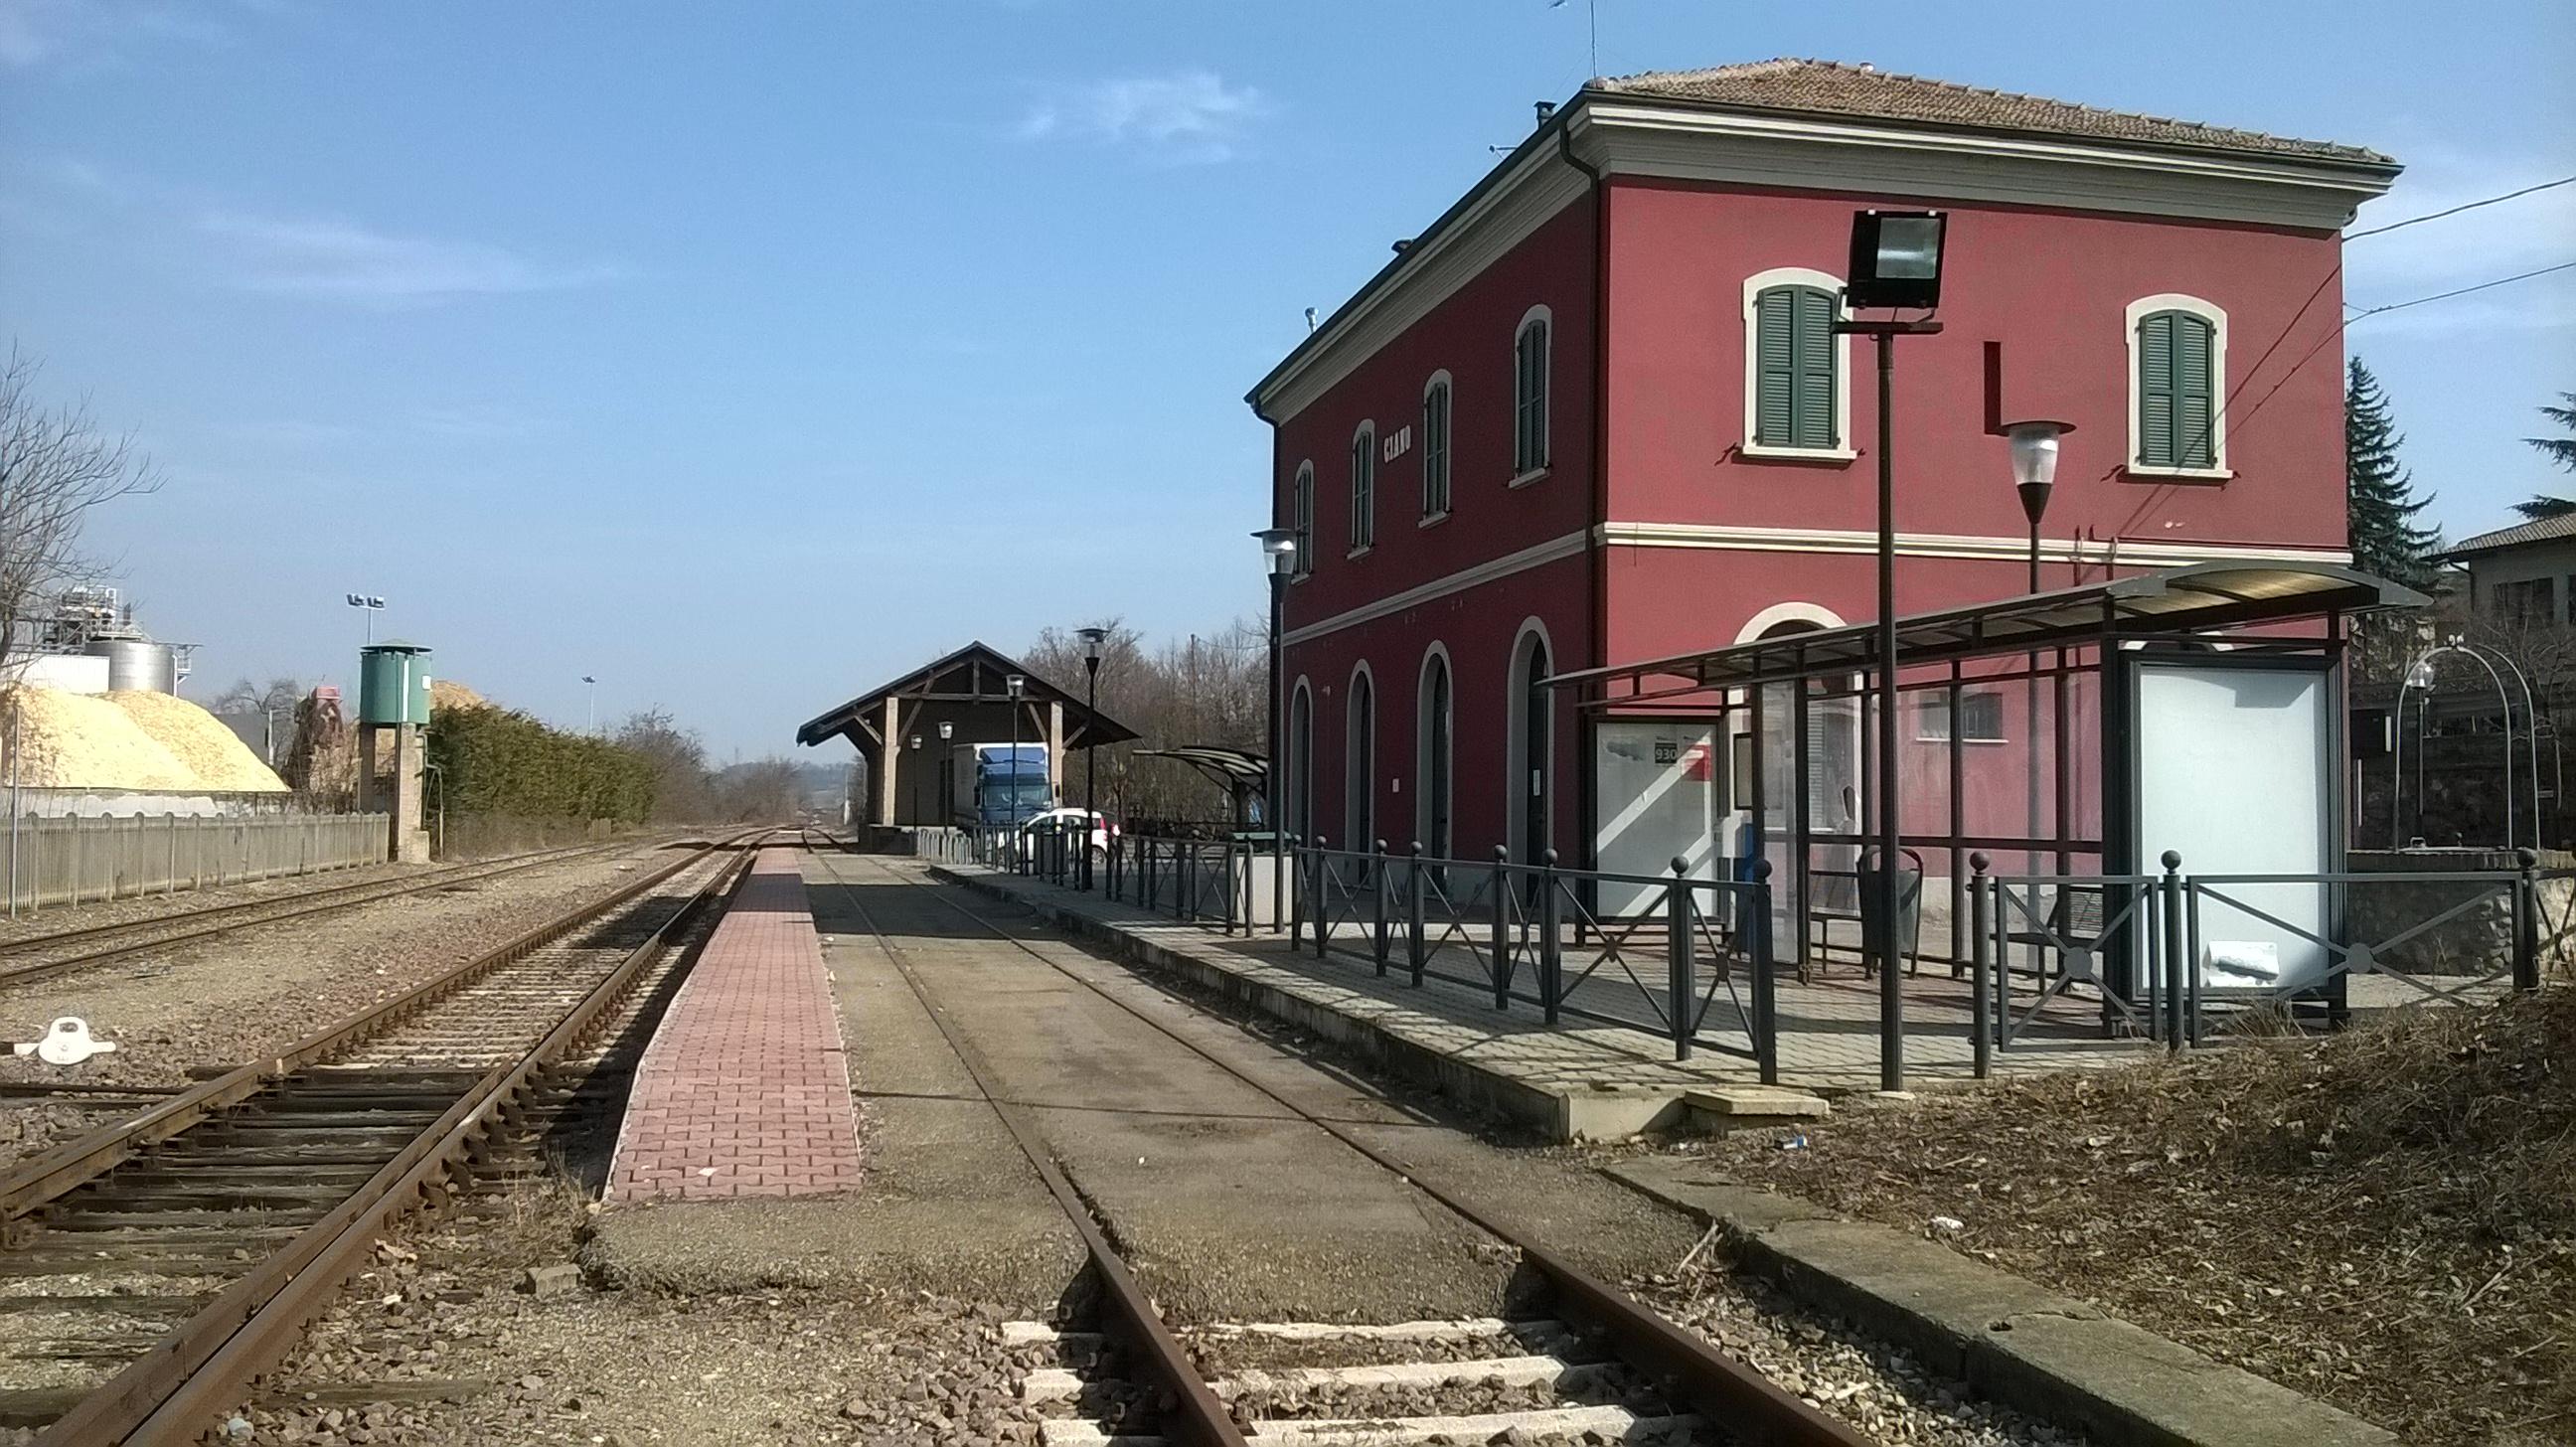 Reggio emilia ciano d enza fer ferrovie emilia romagna - Ricci mobili ciano d enza ...